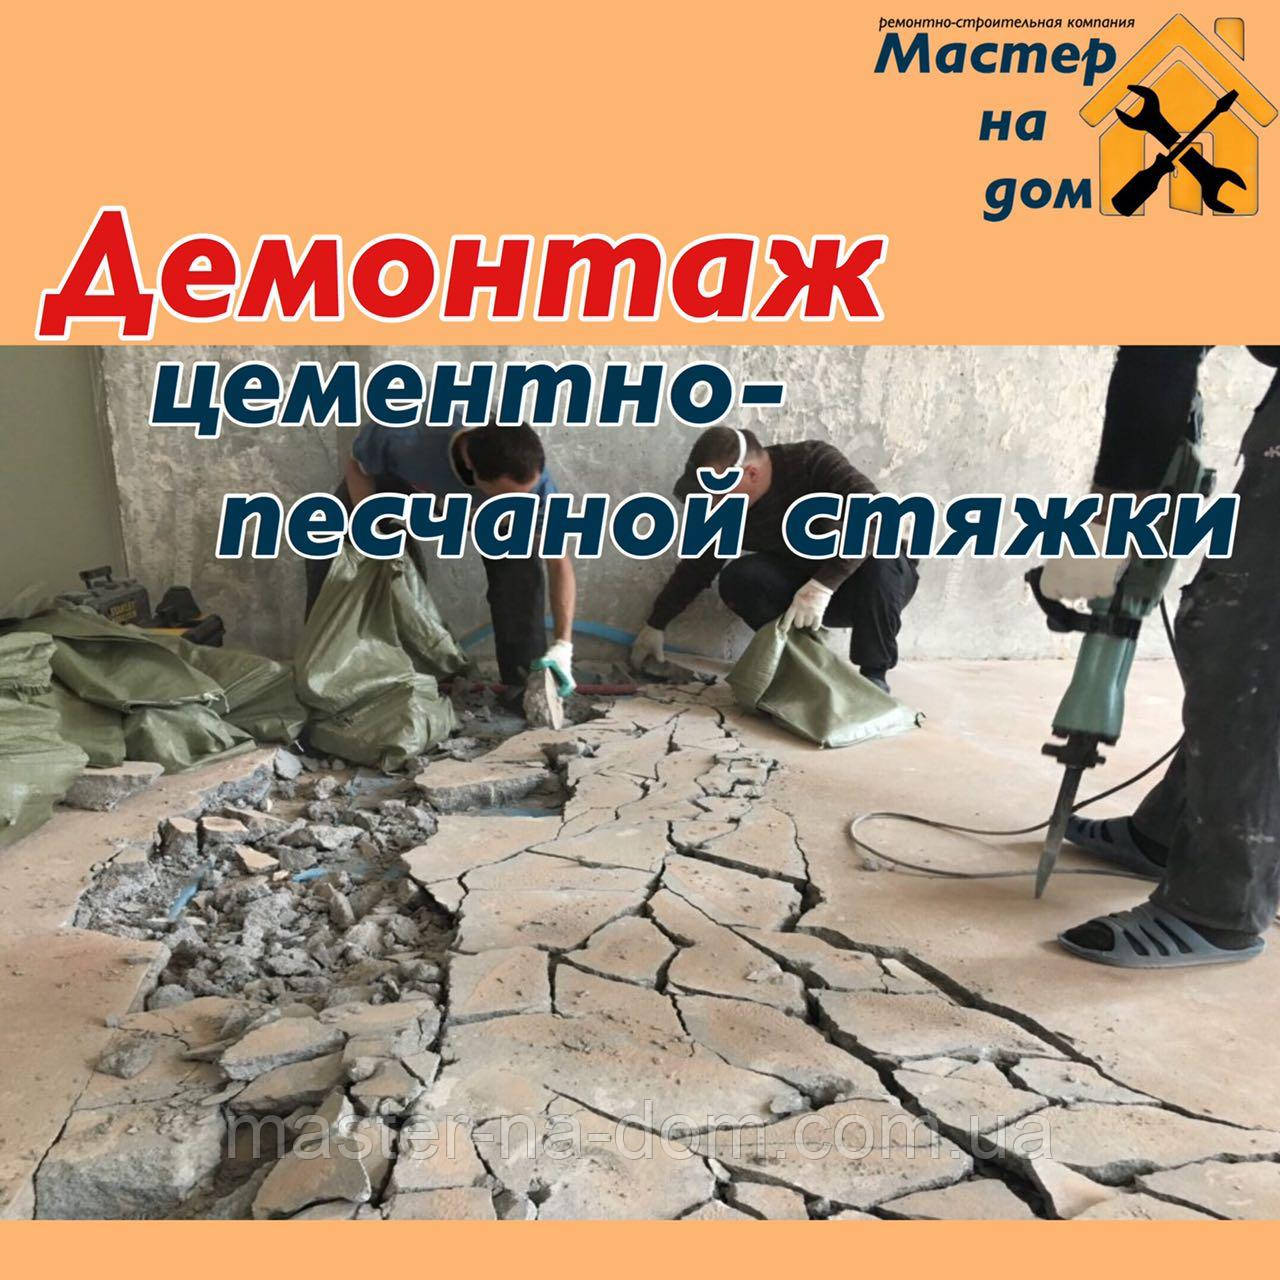 Демонтаж цементно-песчаной стяжки пола в Николаеве, фото 1